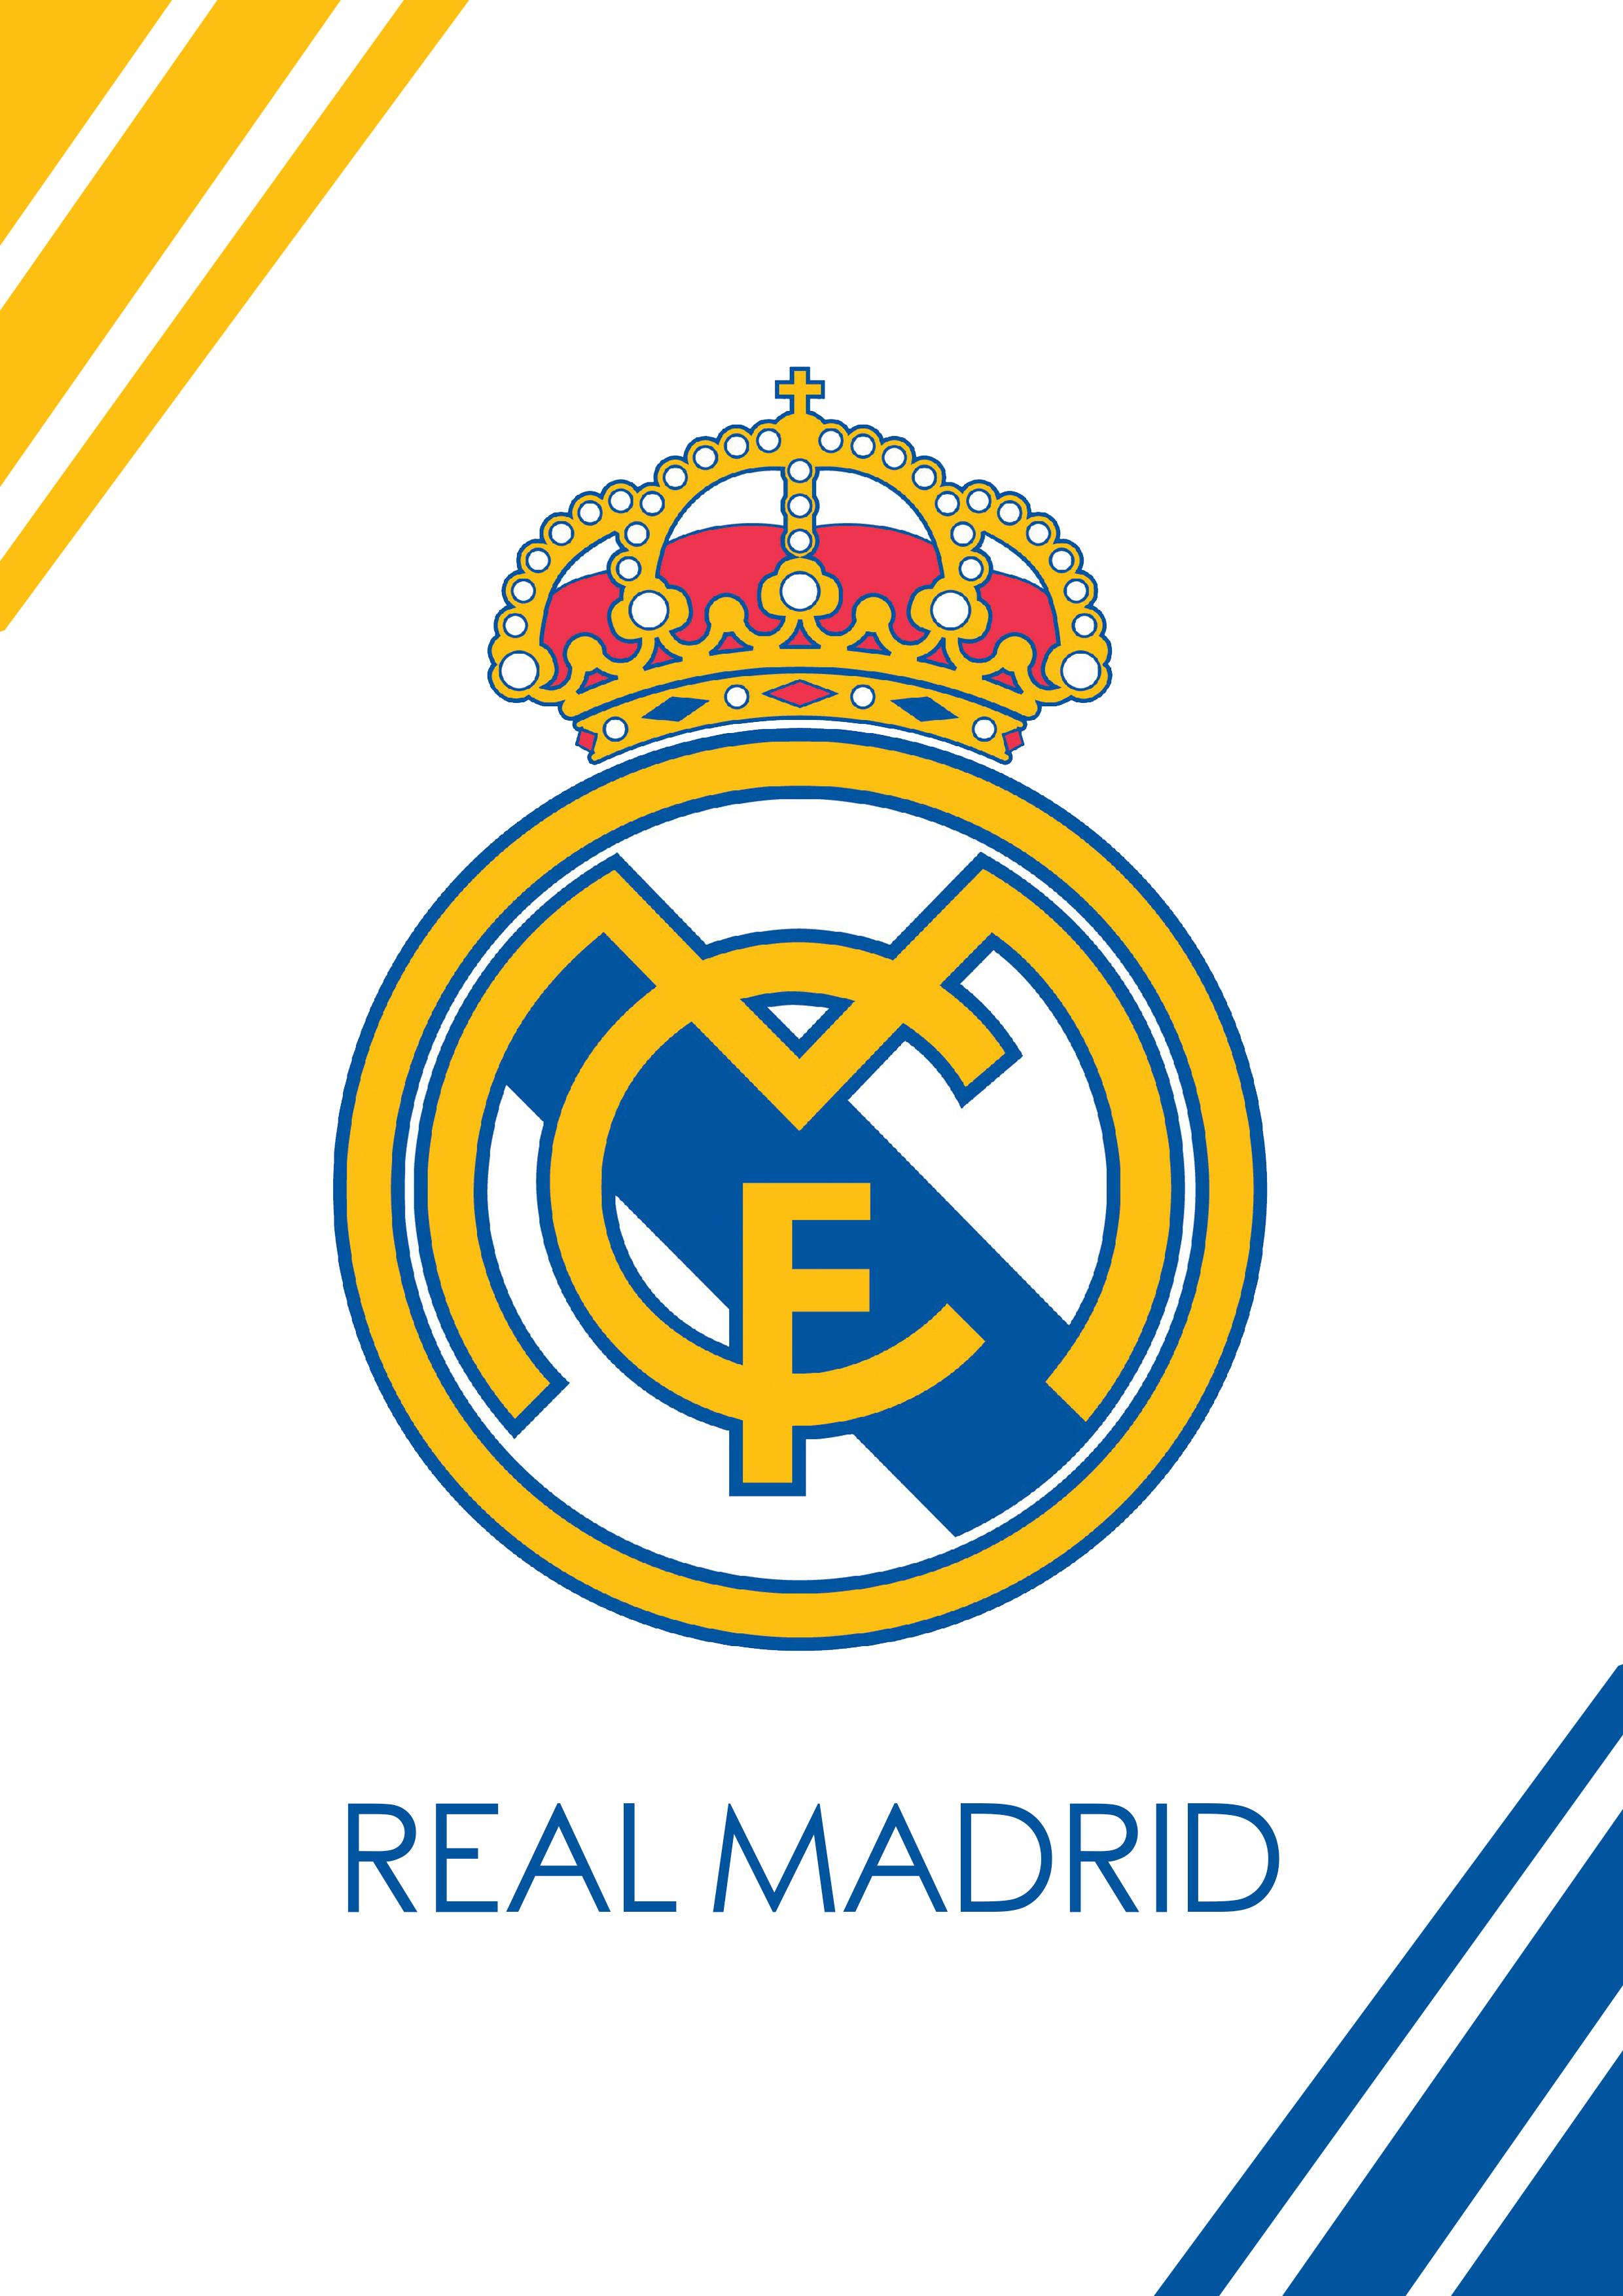 Pin De Mohamed Mohe En R M Logotipo Del Real Madrid Real Madrid Dibujos Del Real Madrid